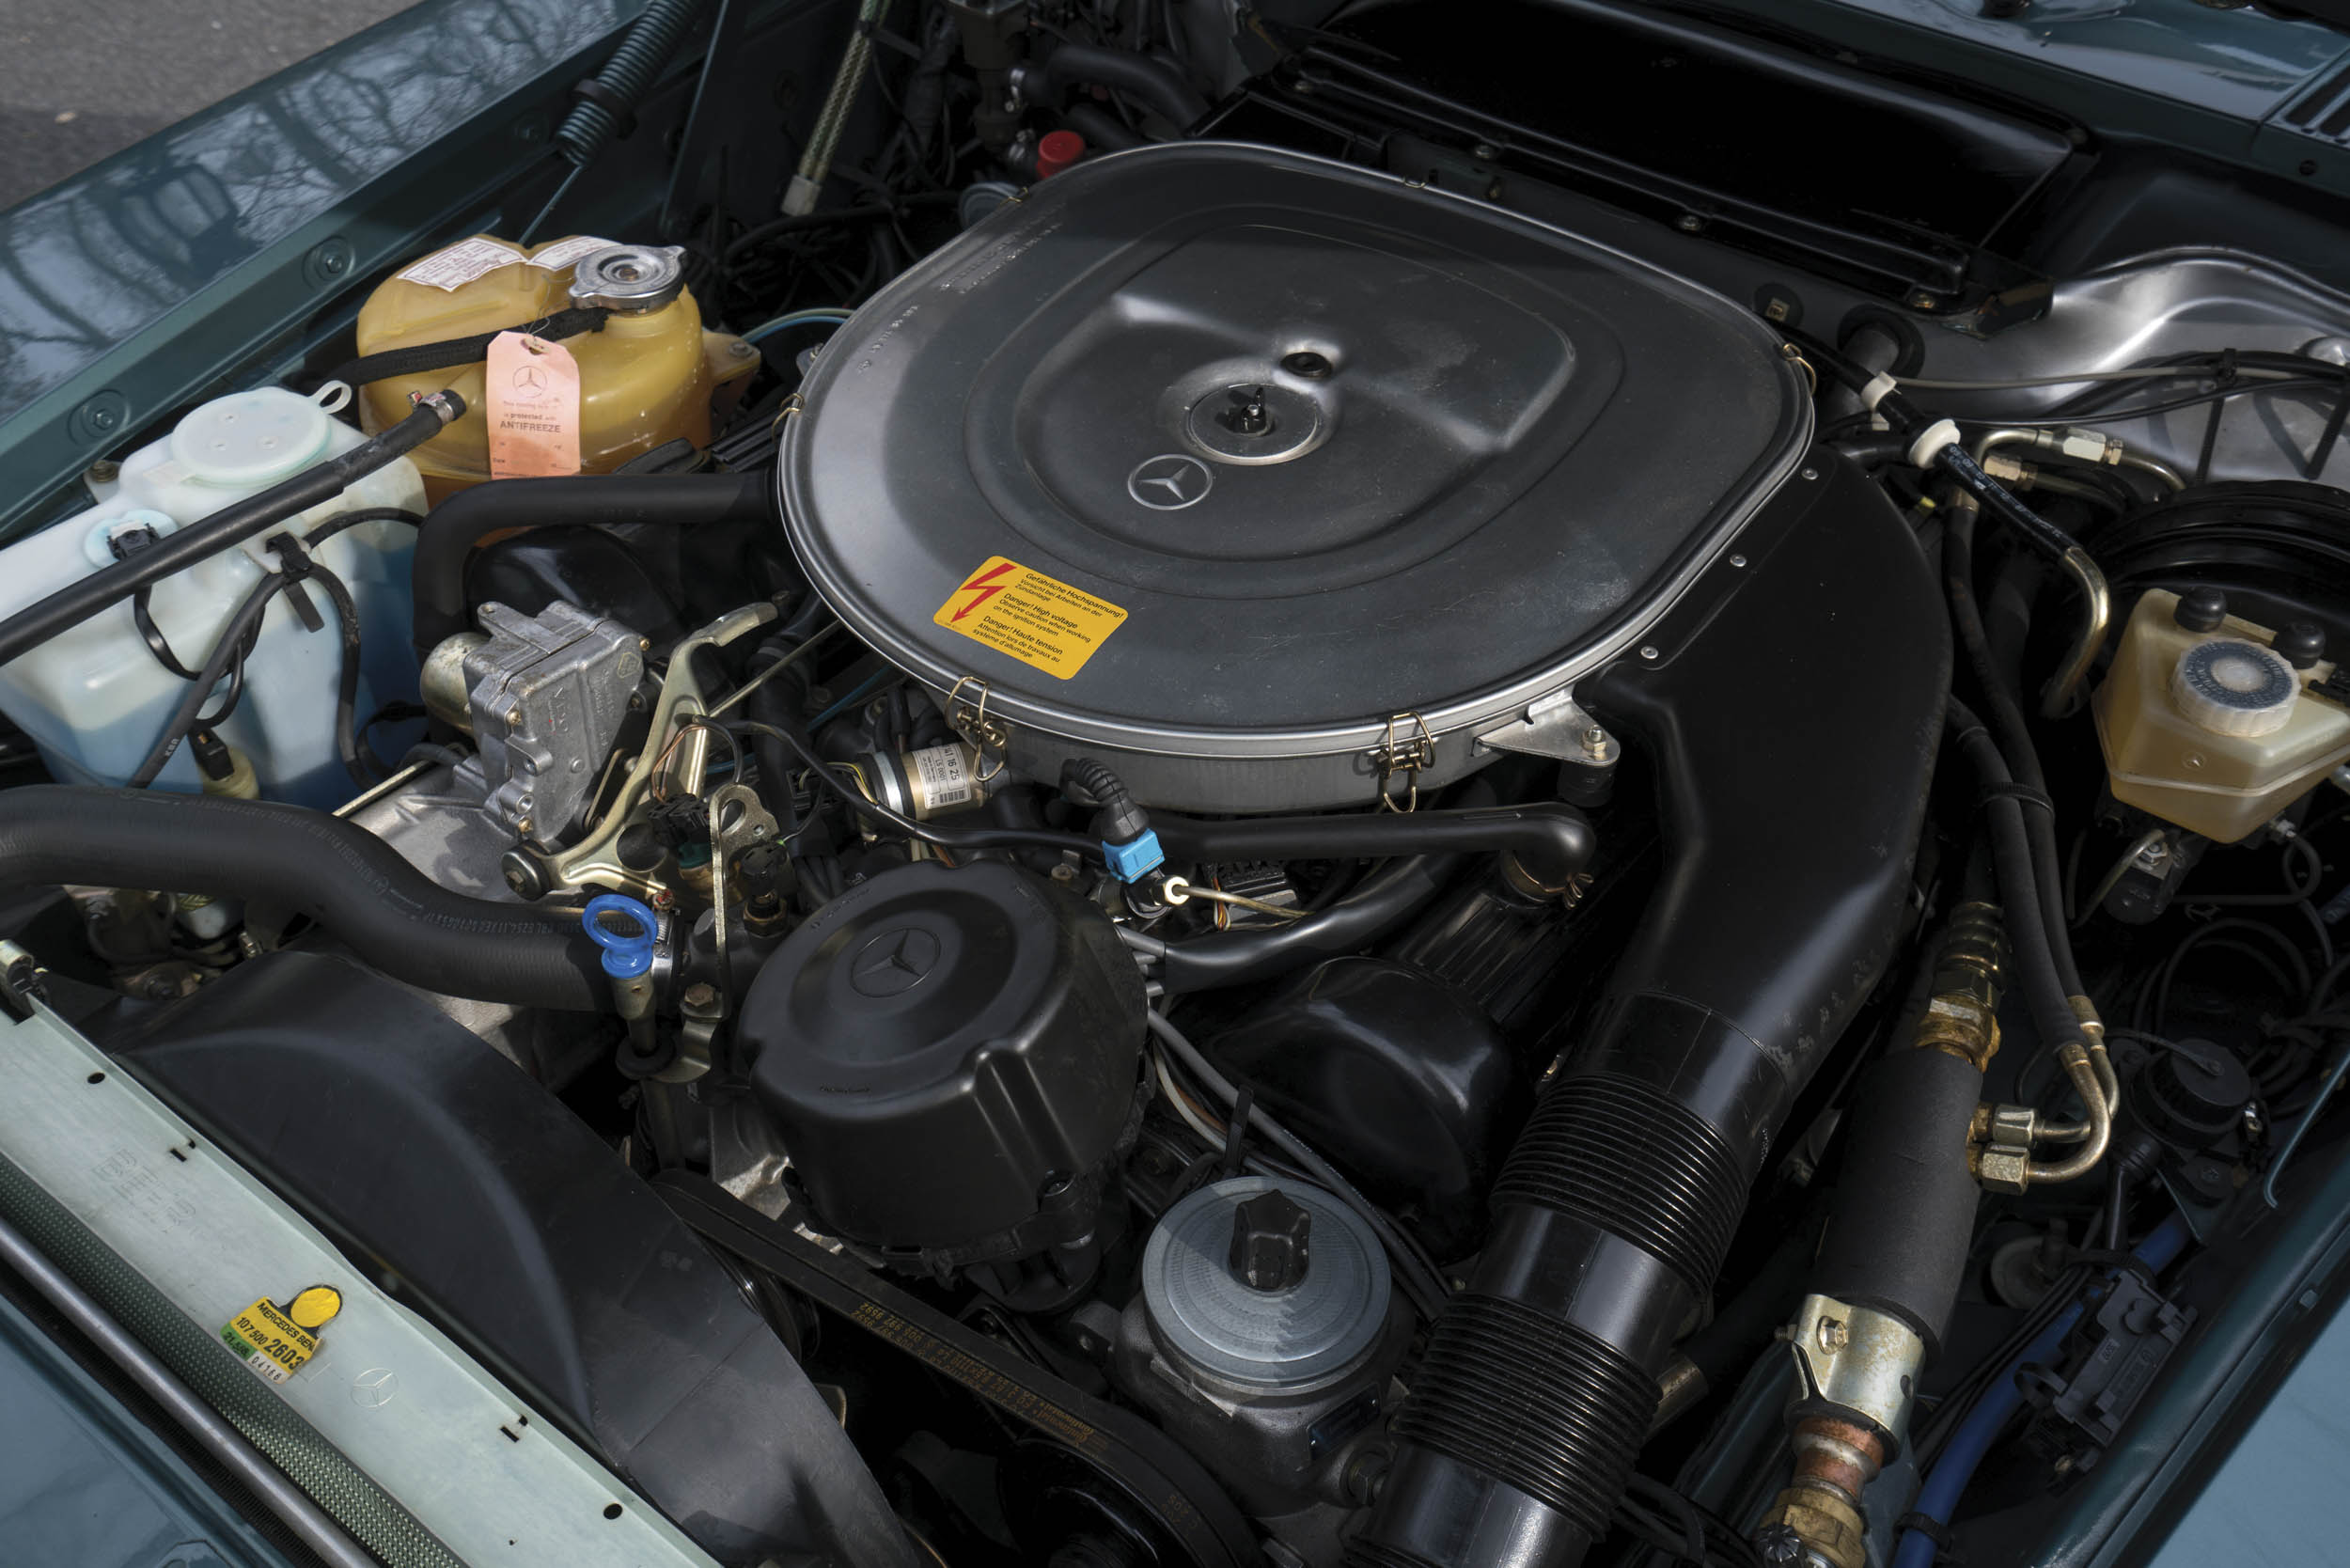 1988 Mercedes-Benz 560 SL engine